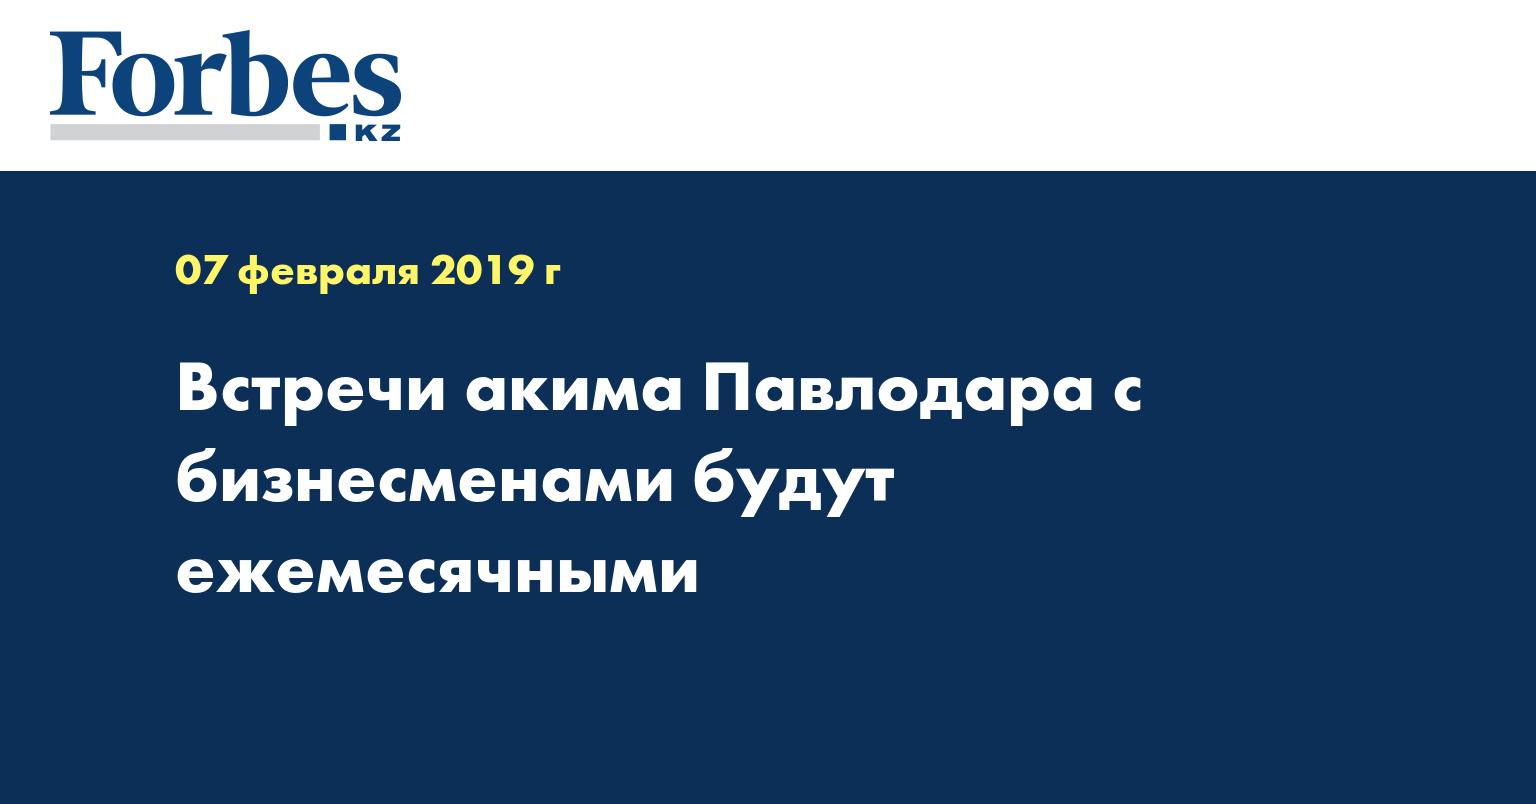 Встречи акима Павлодара с бизнесменами будут ежемесячными